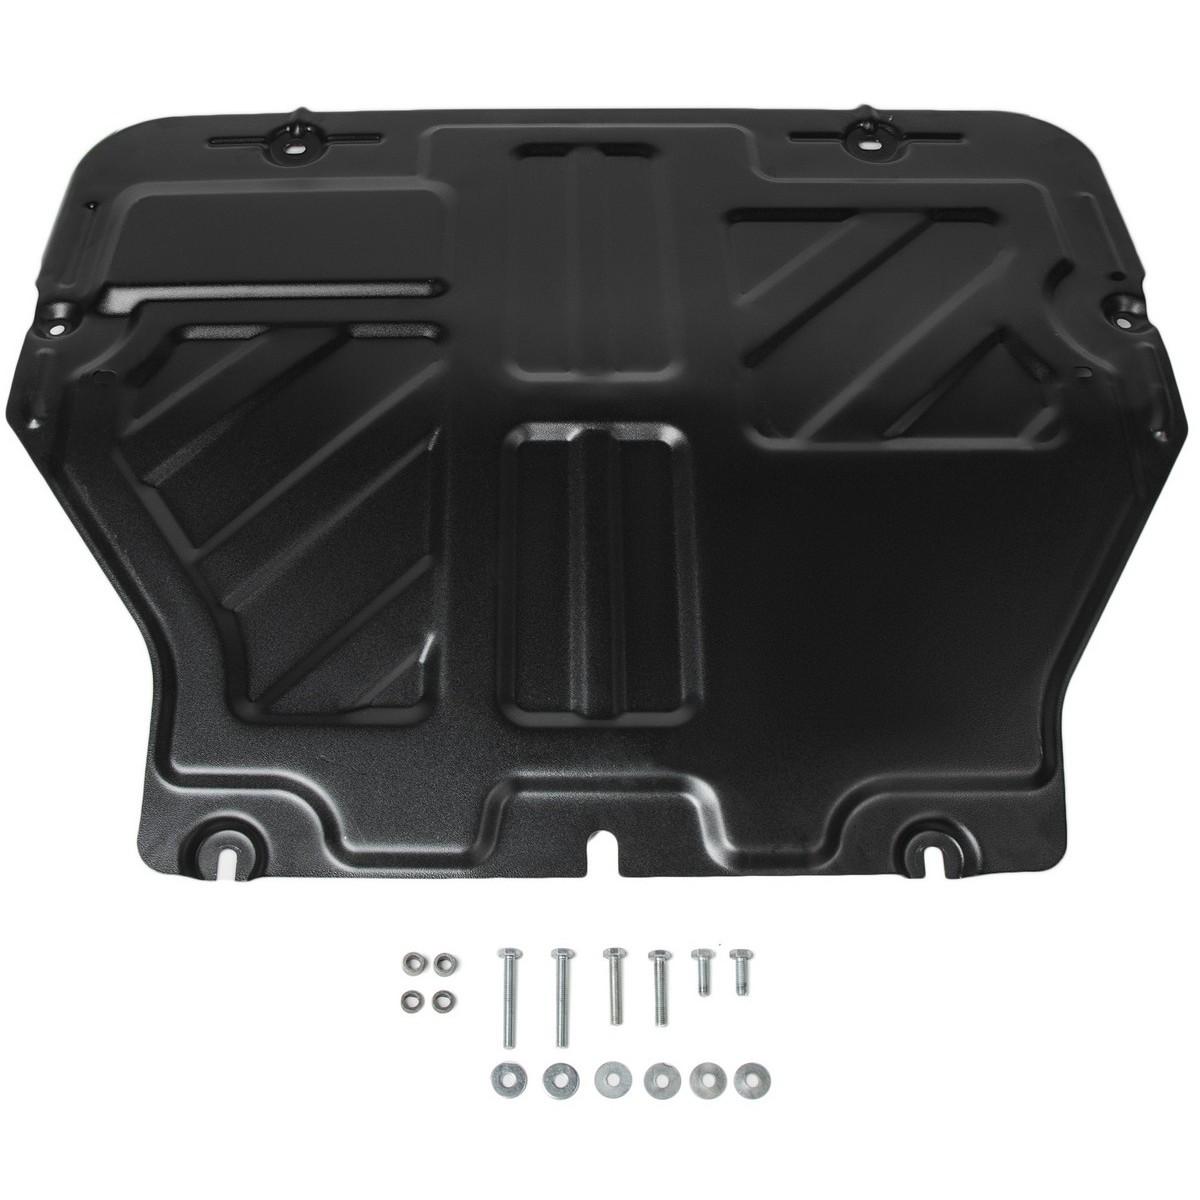 Защита картера и КПП Rival, для Volkswagen Caravelle, Multivan, Transporter T5/T6 2003-2015 2015-н.в., сталь 2 мм, крепеж в комплекте. 111.5806.2111.5806.2Защита картера и КПП Rival для Volkswagen Caravelle, Multivan, Transporter T5/T6 (V - все) 2003-2015 2015-н.в., крепеж в комплекте, сталь 2 мм, 111.5806.2 Стальные защиты картера Rival надежно защищают днище вашего автомобиля от повреждений при наезде на бордюры, выступающие канализационные люки, кромки поврежденного асфальта или при ремонте дорог, не говоря уже о загородных дорогах. Основными преимуществами продукта являются: - Имеет оптимальное соотношение цена-качество. - Спроектированы с учетом особенностей автомобиля, что делает установку удобной. - Является надежной защитой для важных элементов на протяжении долгих лет. - Глубокий штамп дополнительно усиливает конструкцию защиты. - Подштамповка в местах крепления защищает крепеж от срезания. - Технологические отверстия там, где они необходимы для смены масла и слива воды, оборудованные заглушками, надежно закрепленными на защите. В комплекте инструкция по установке. Уважаемые клиенты! Обращаем ваше внимание, на тот факт, что защита имеет форму, соответствующую модели данного автомобиля. Наличие глубокого штампа и лючков для смены фильтров/масла предусмотрено не на всех защитах. Фото служит для визуального восприятия товара.